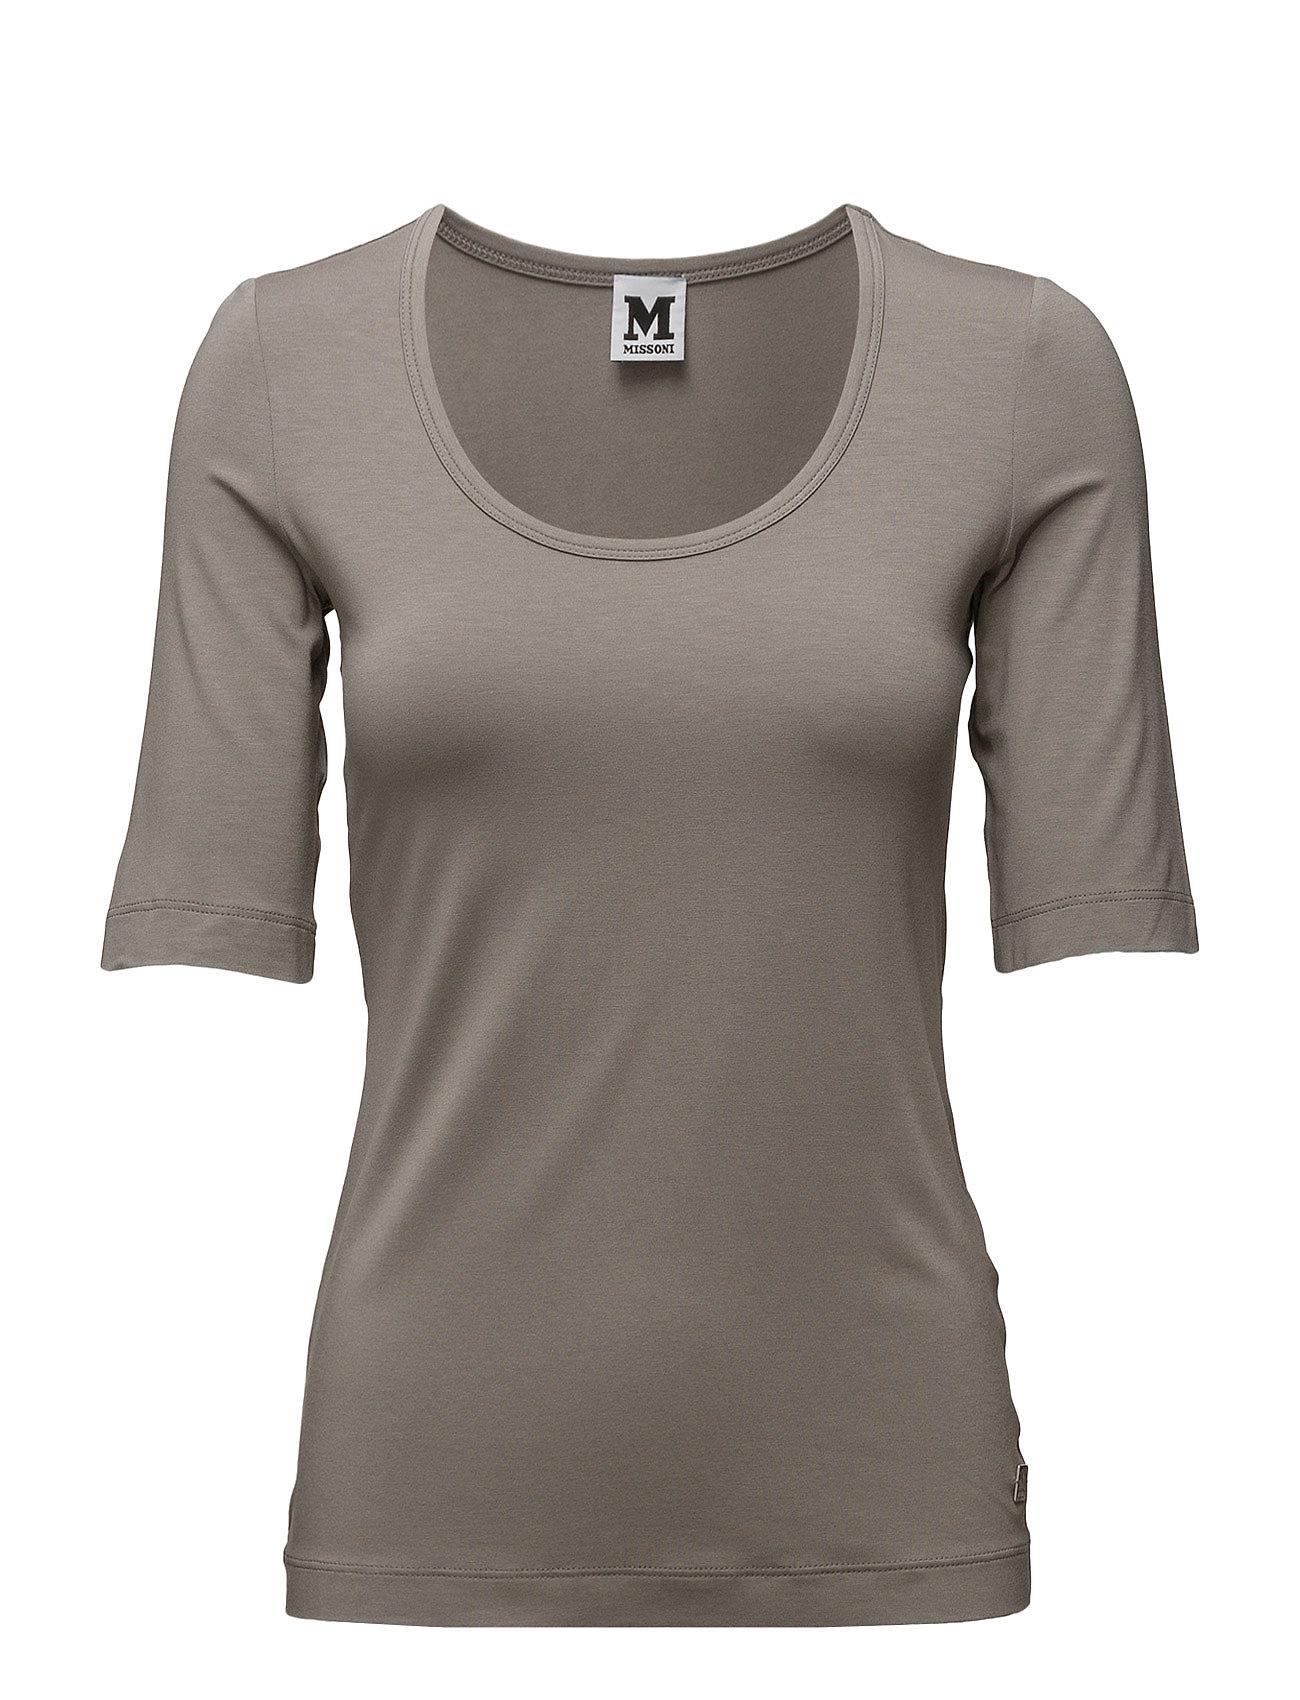 T-Shirt Jersey M Missoni Kortærmede til Kvinder i Sort